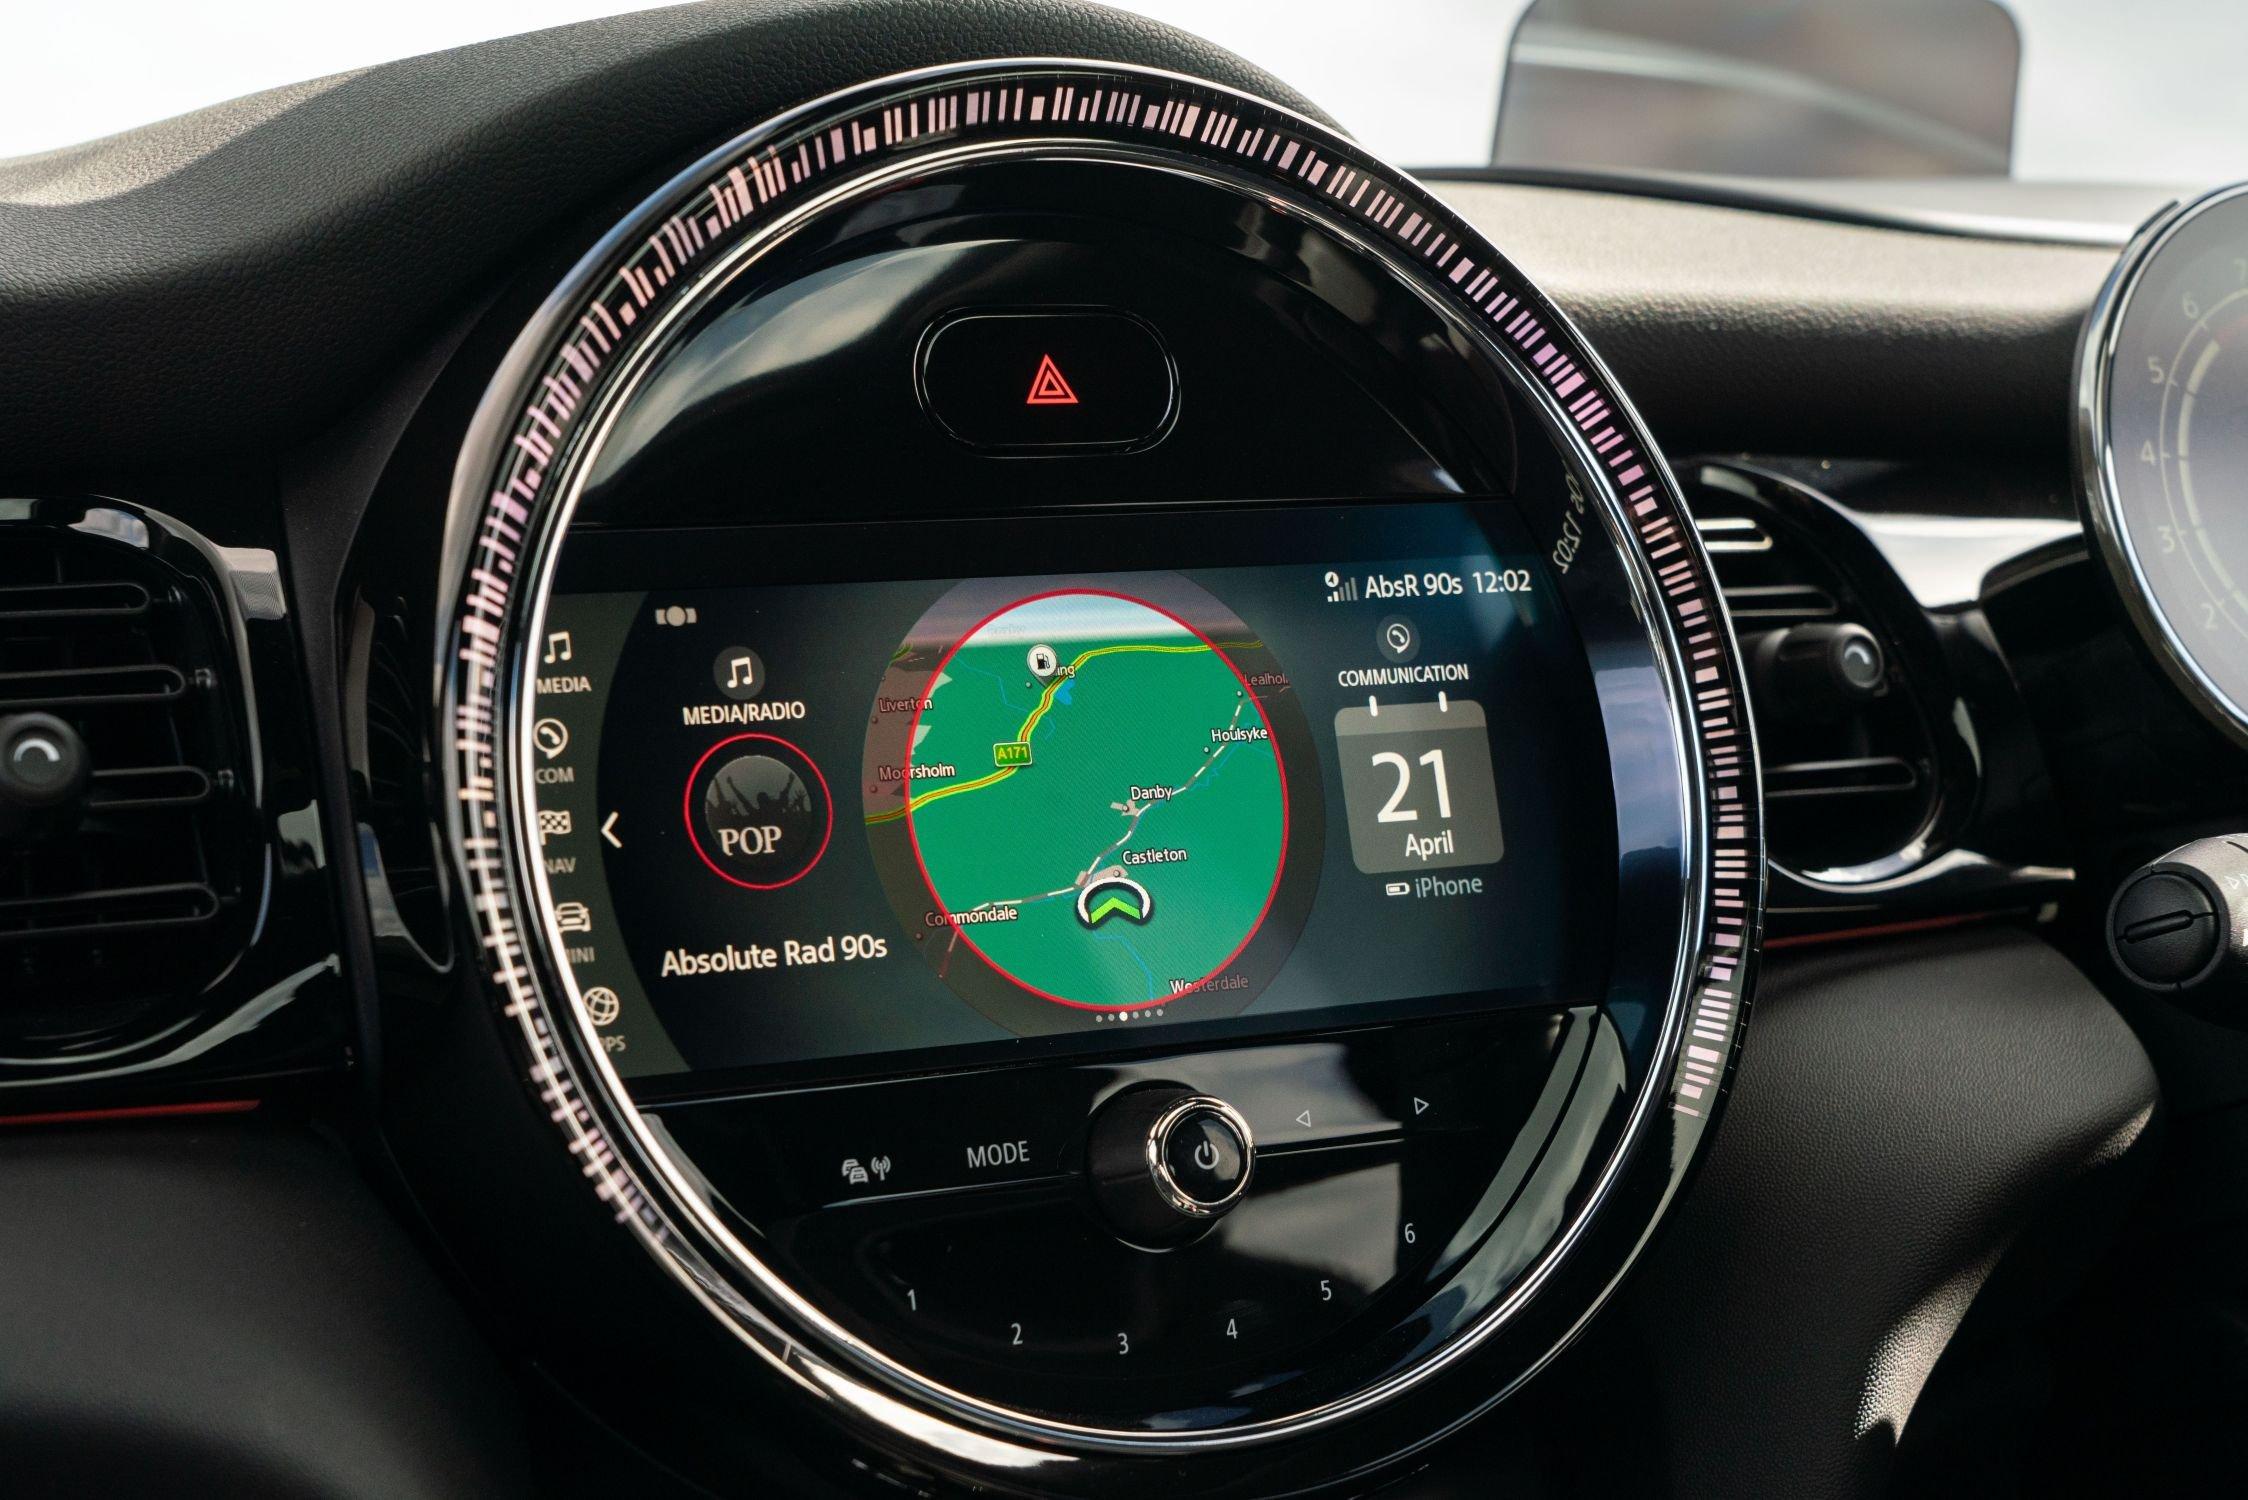 Mini 5-door hatchback 2021 interior infotainment